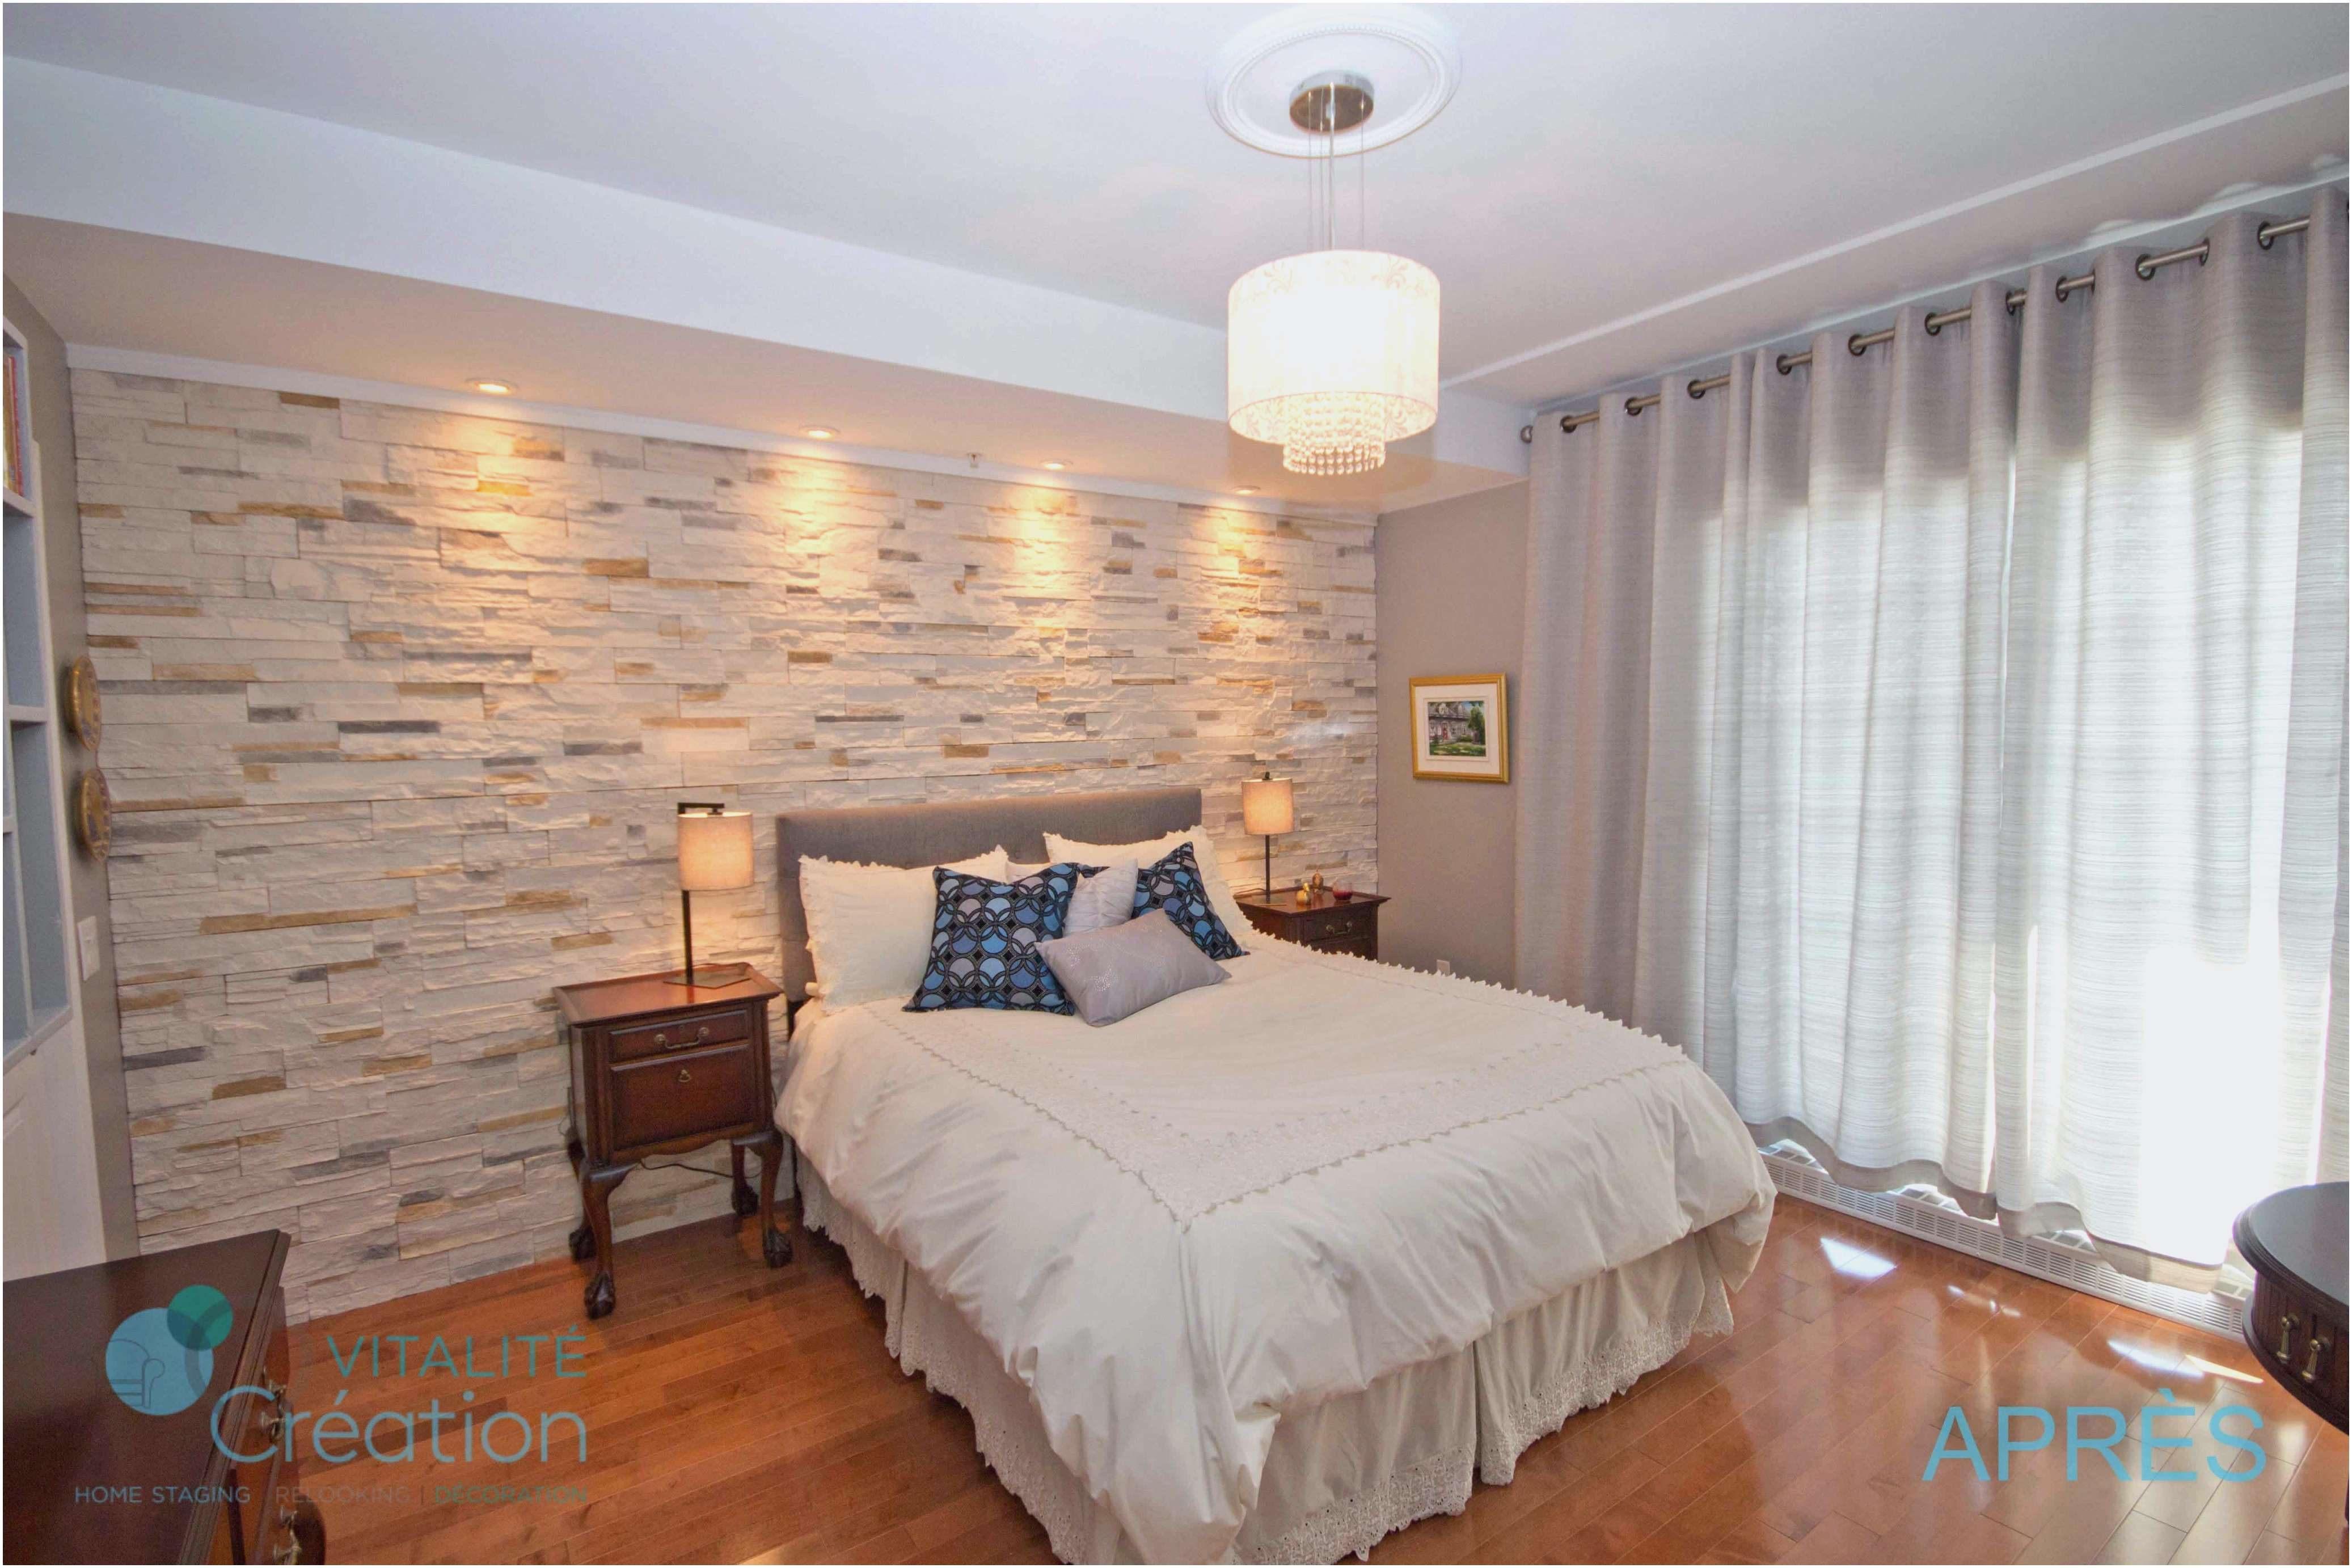 Grande Tete De Lit Génial Le Meilleur De Chambre Moderne Adulte Luxe Chambre Adulte Nouveau 0d